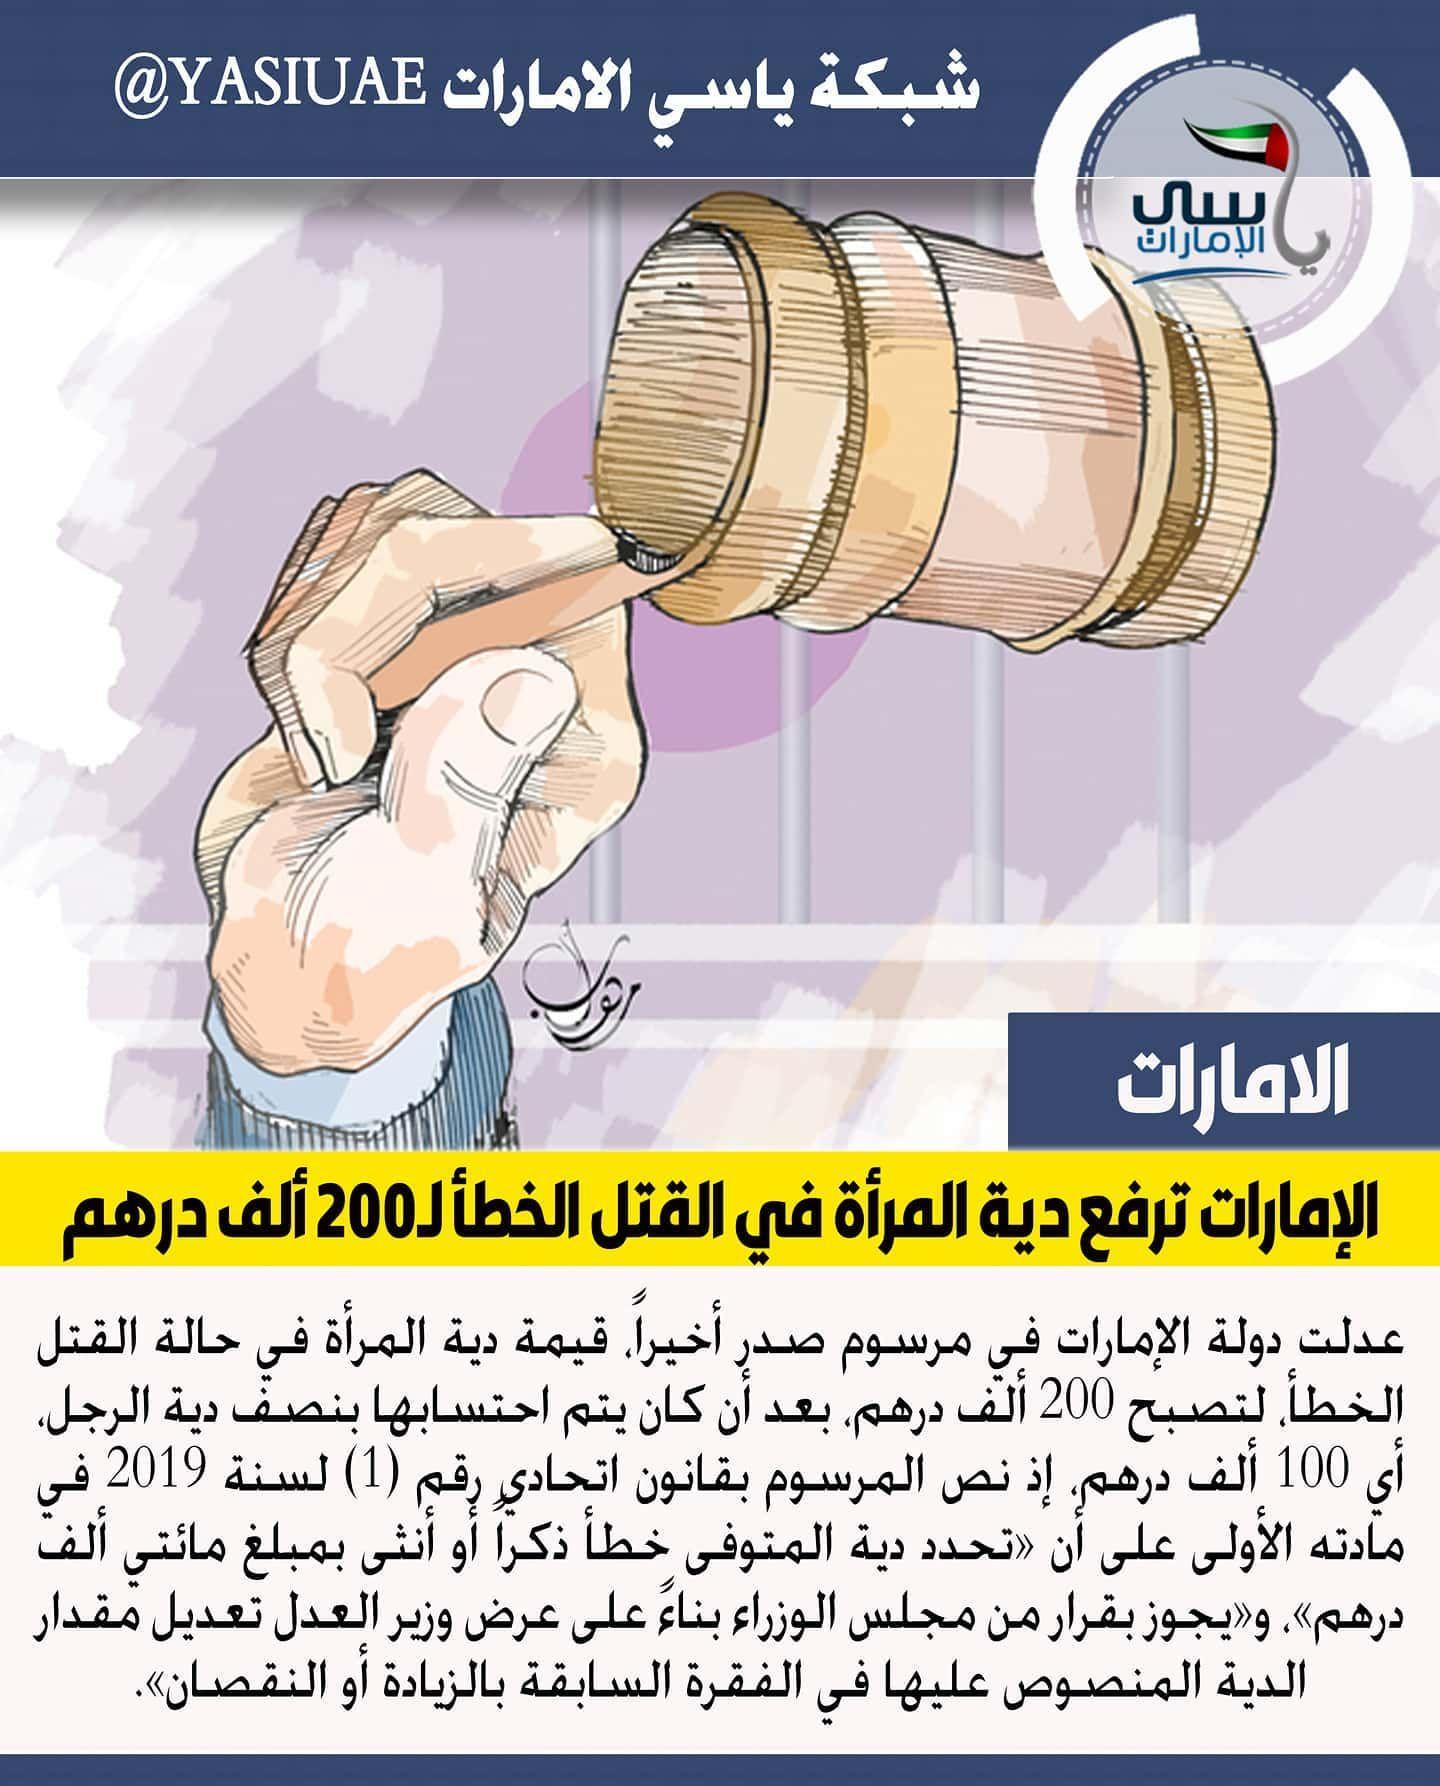 الإمارات ترفع دية المرأة في القتل الخطأ لـ200 ألف درهم ياسي الامارات شبكة ياسي الامارات اخبار الامارات ابوظبي دبي الشارقة عجمان الفجيرة أم القيوين